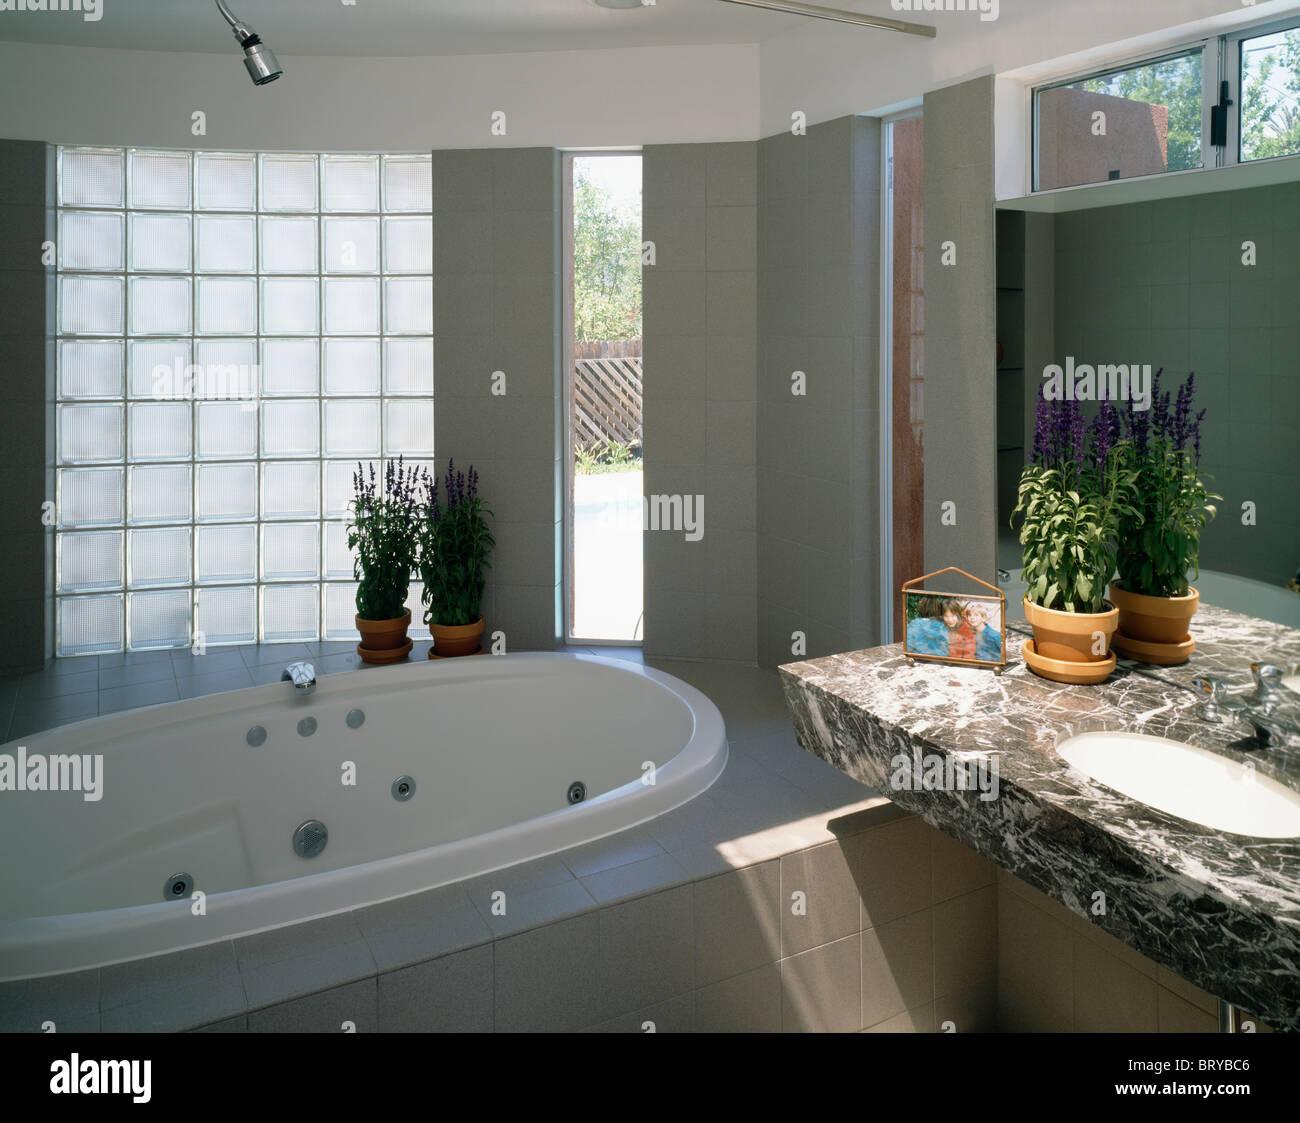 Ovale Whirlpool unter Glasbaustein Wand im modernen Badezimmer mit ...